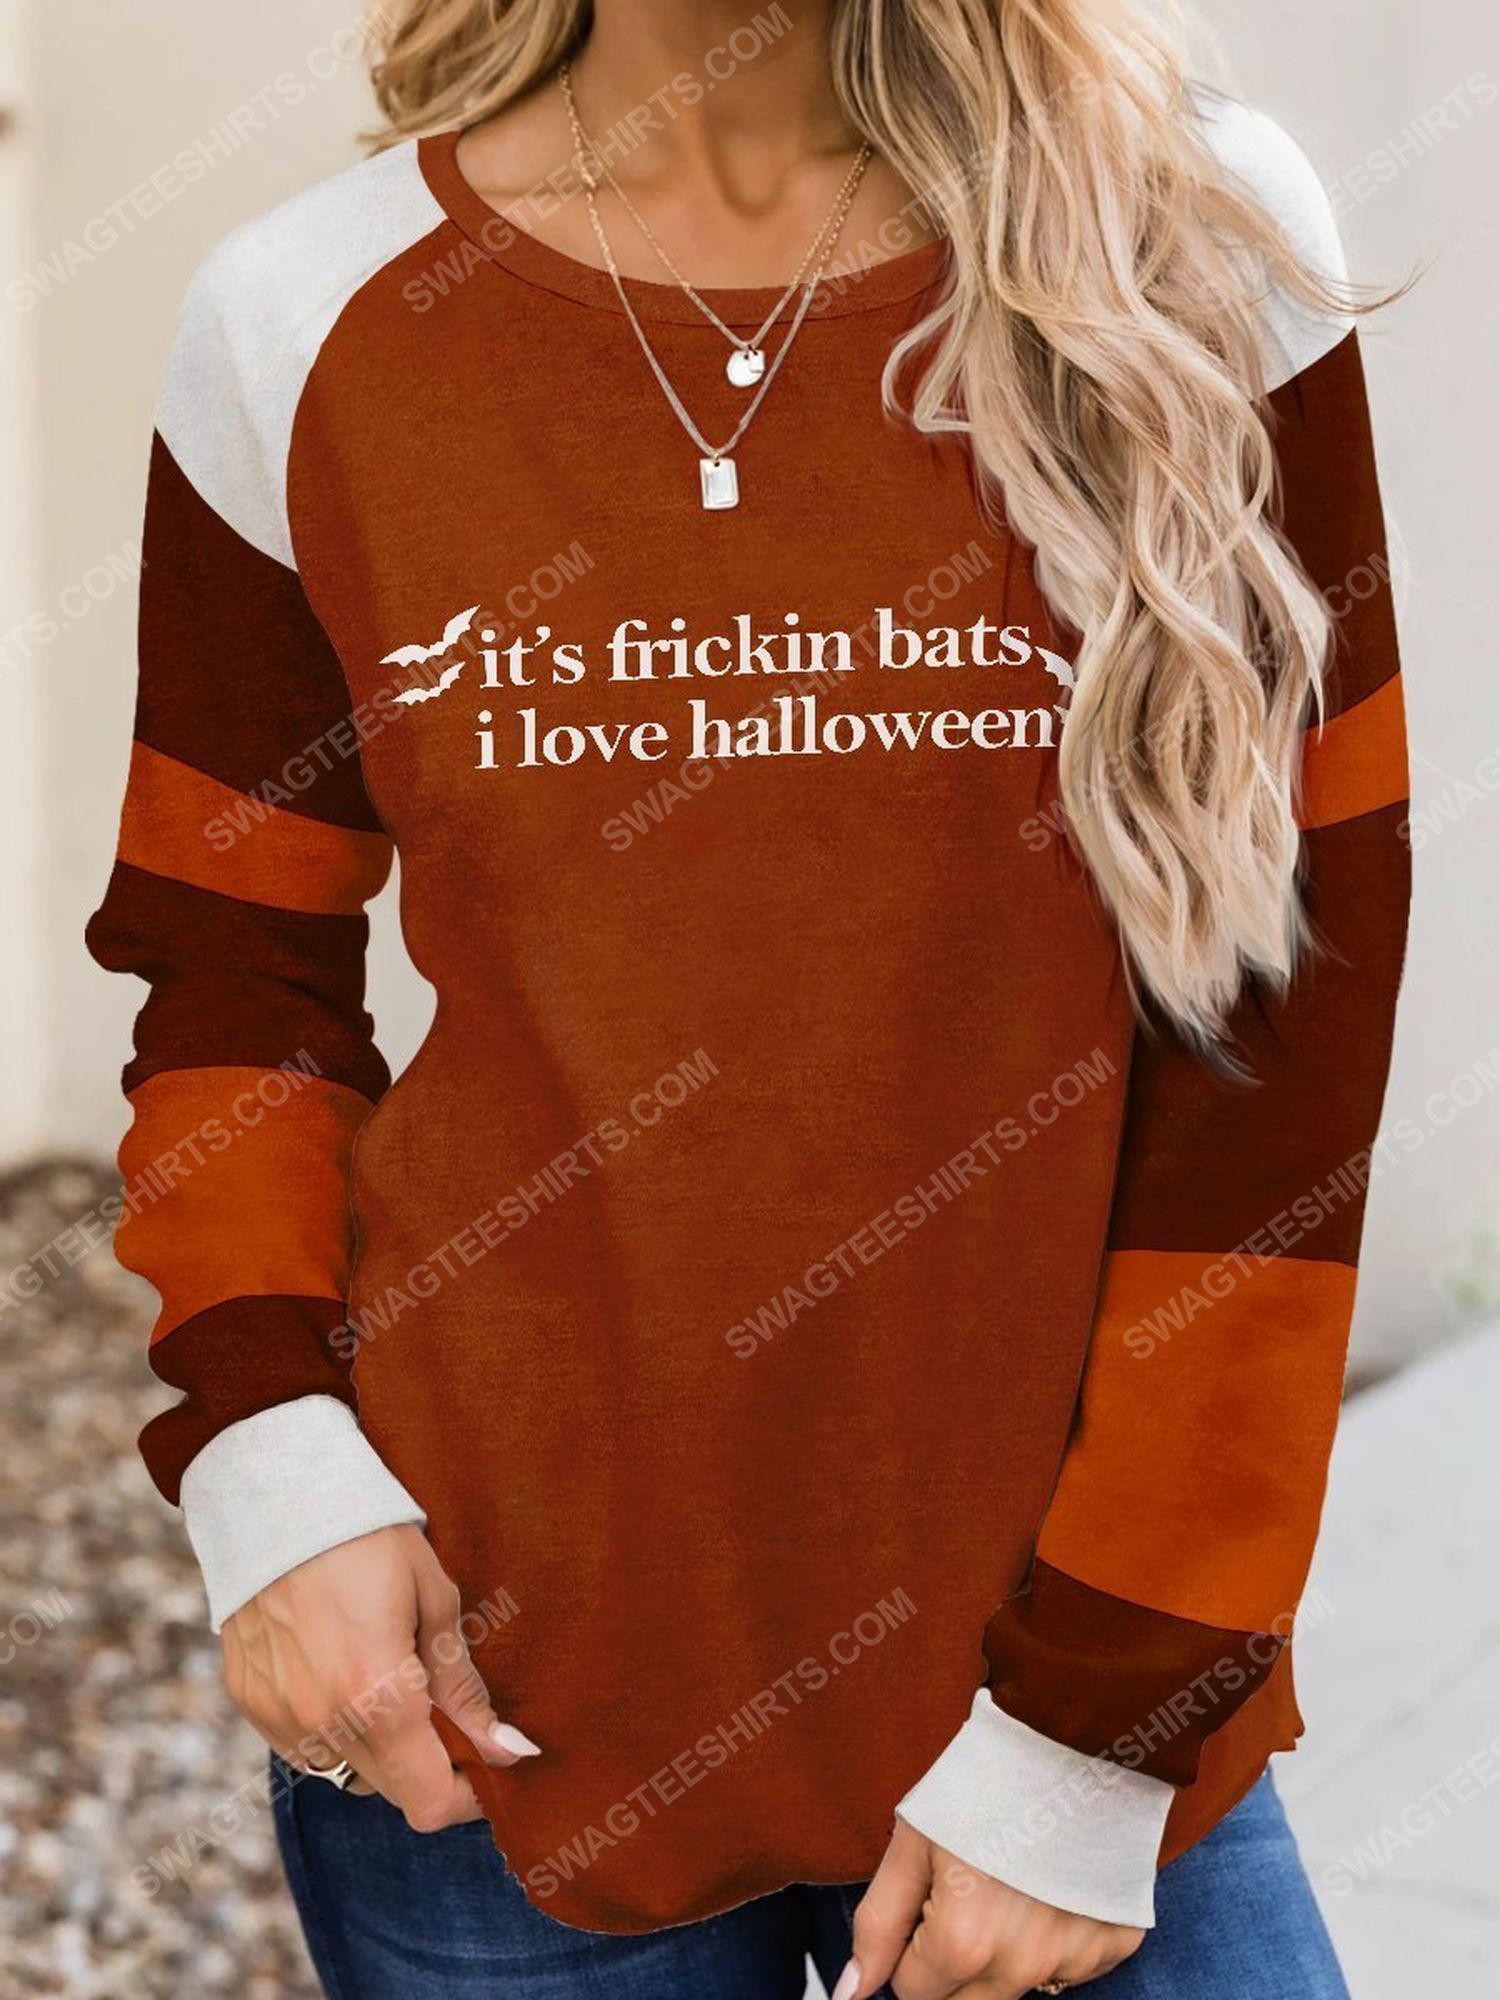 Halloween its frickin bats i love halloween full print shirt 1